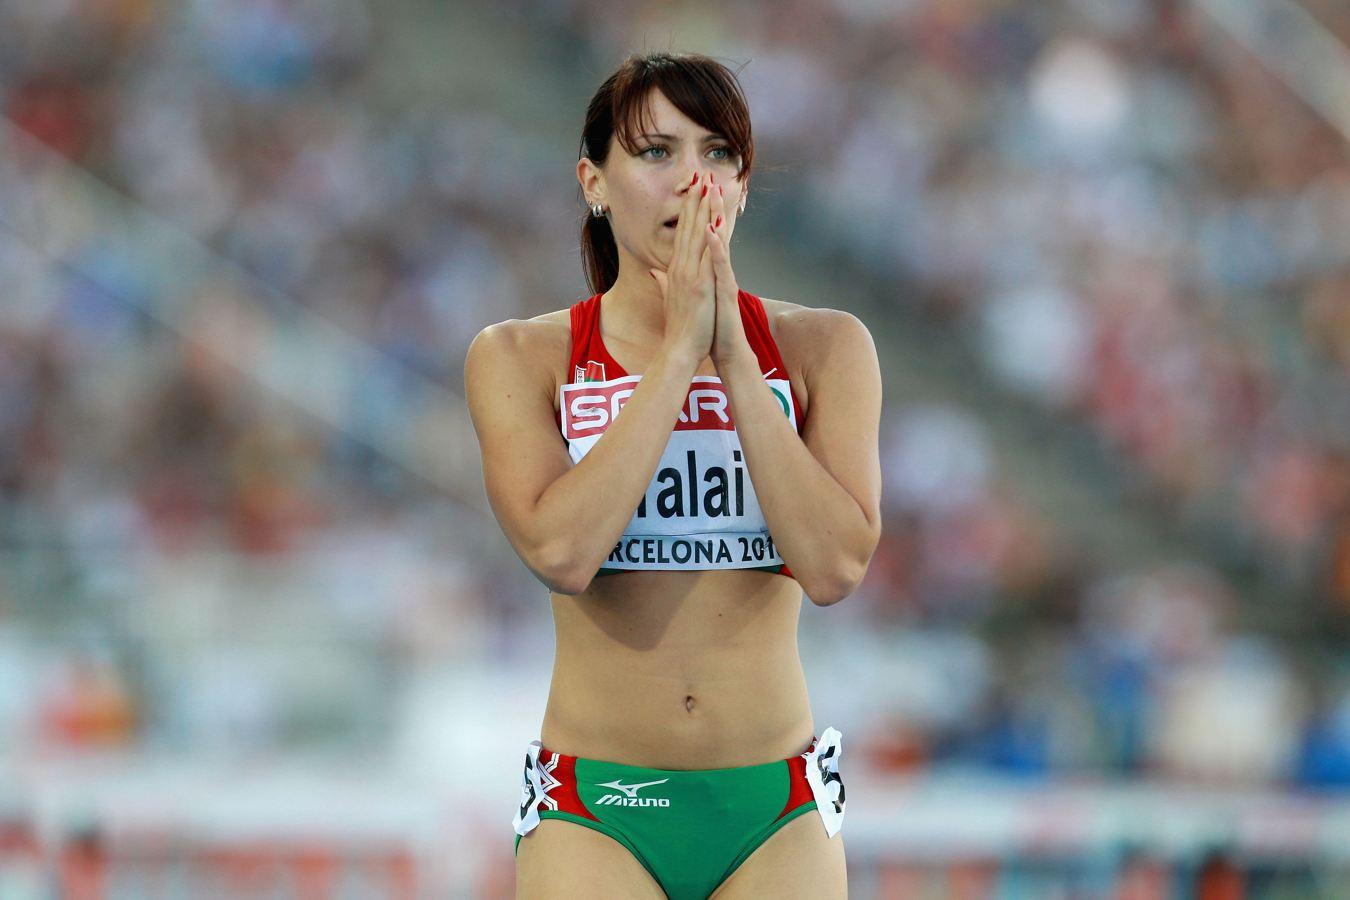 Алина Талай выиграла барьерный спринт на турнире в Австрии с лучшим результатом сезона в мире и личным рекордом + Видео